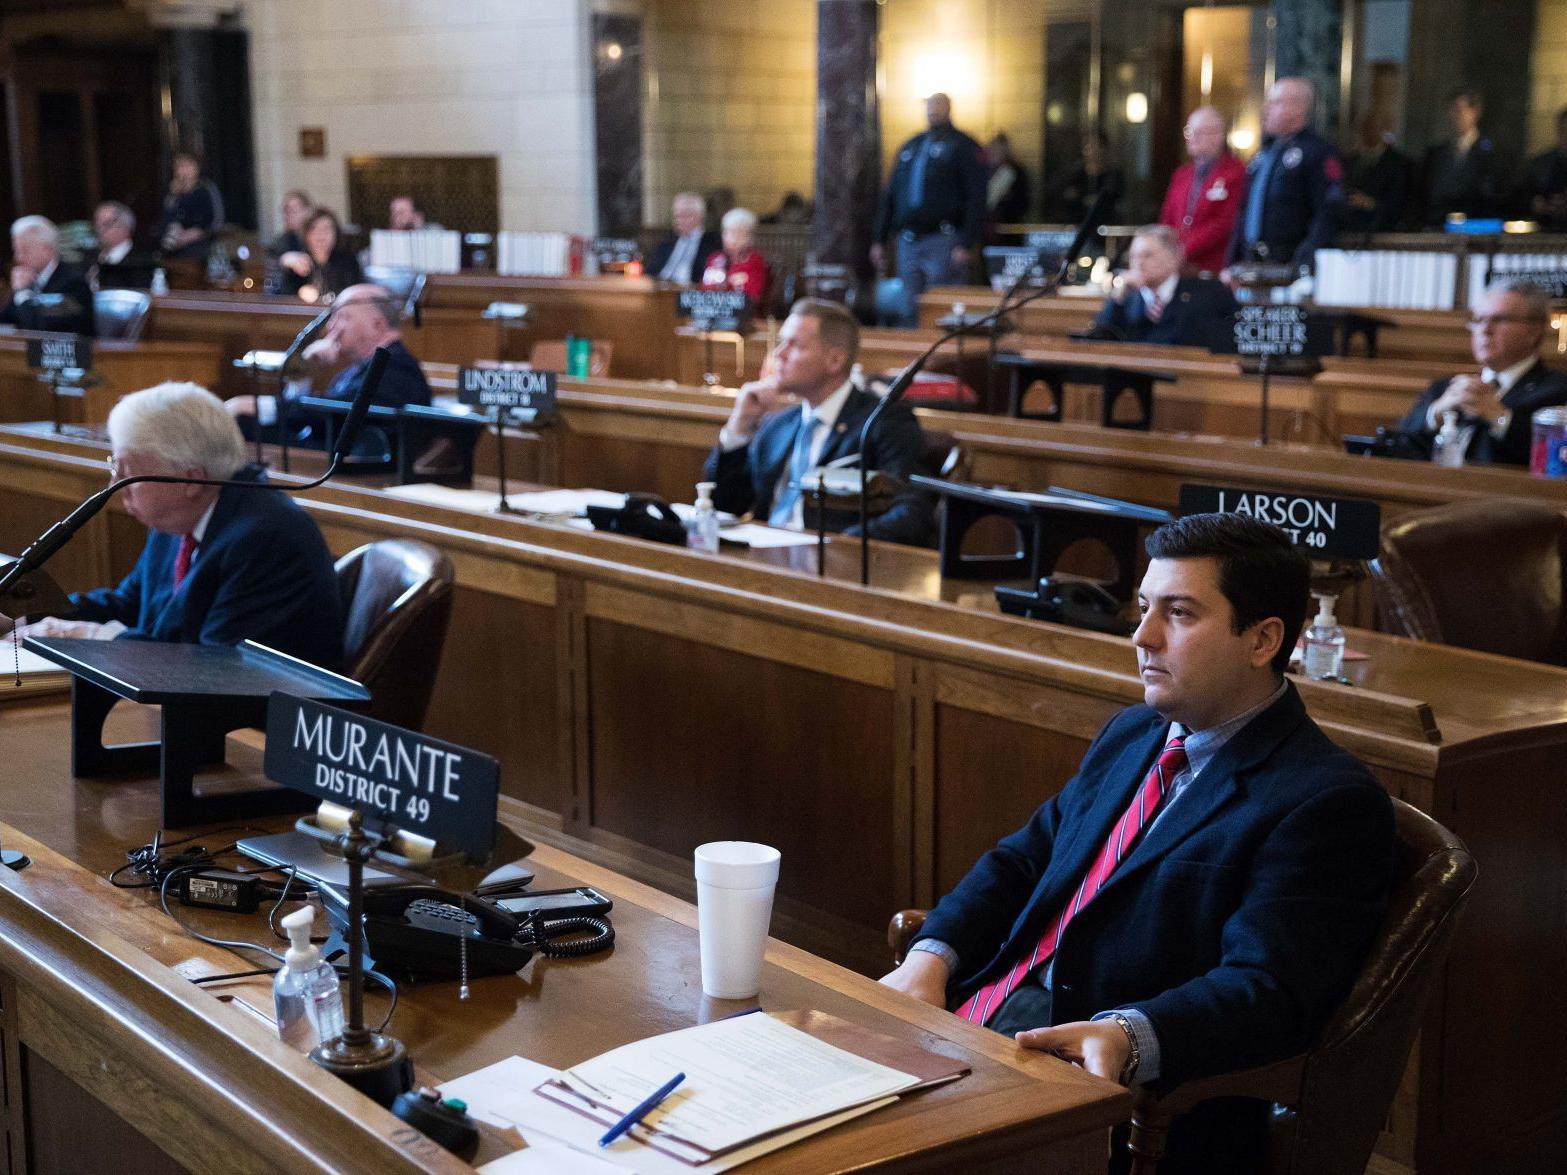 Ted Cruz endorses State Sen. John Murante in Nebraska treasurer's race